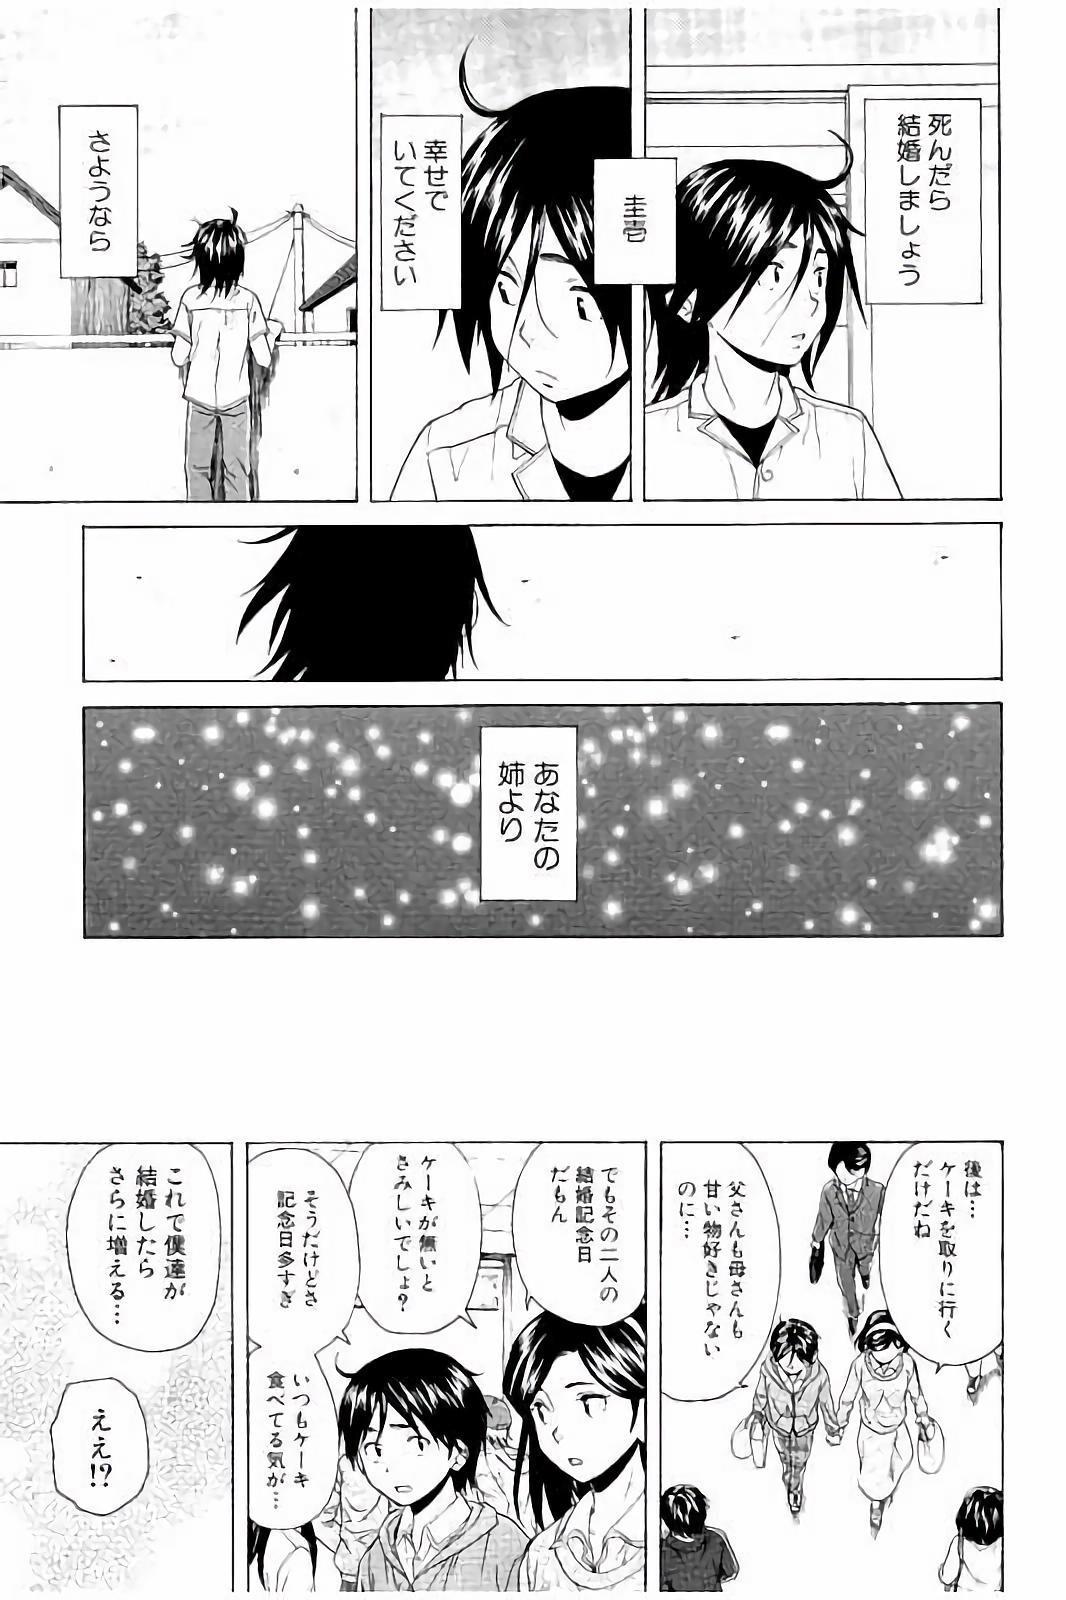 Ane no Himitsu To Boku no Jisatsu 204